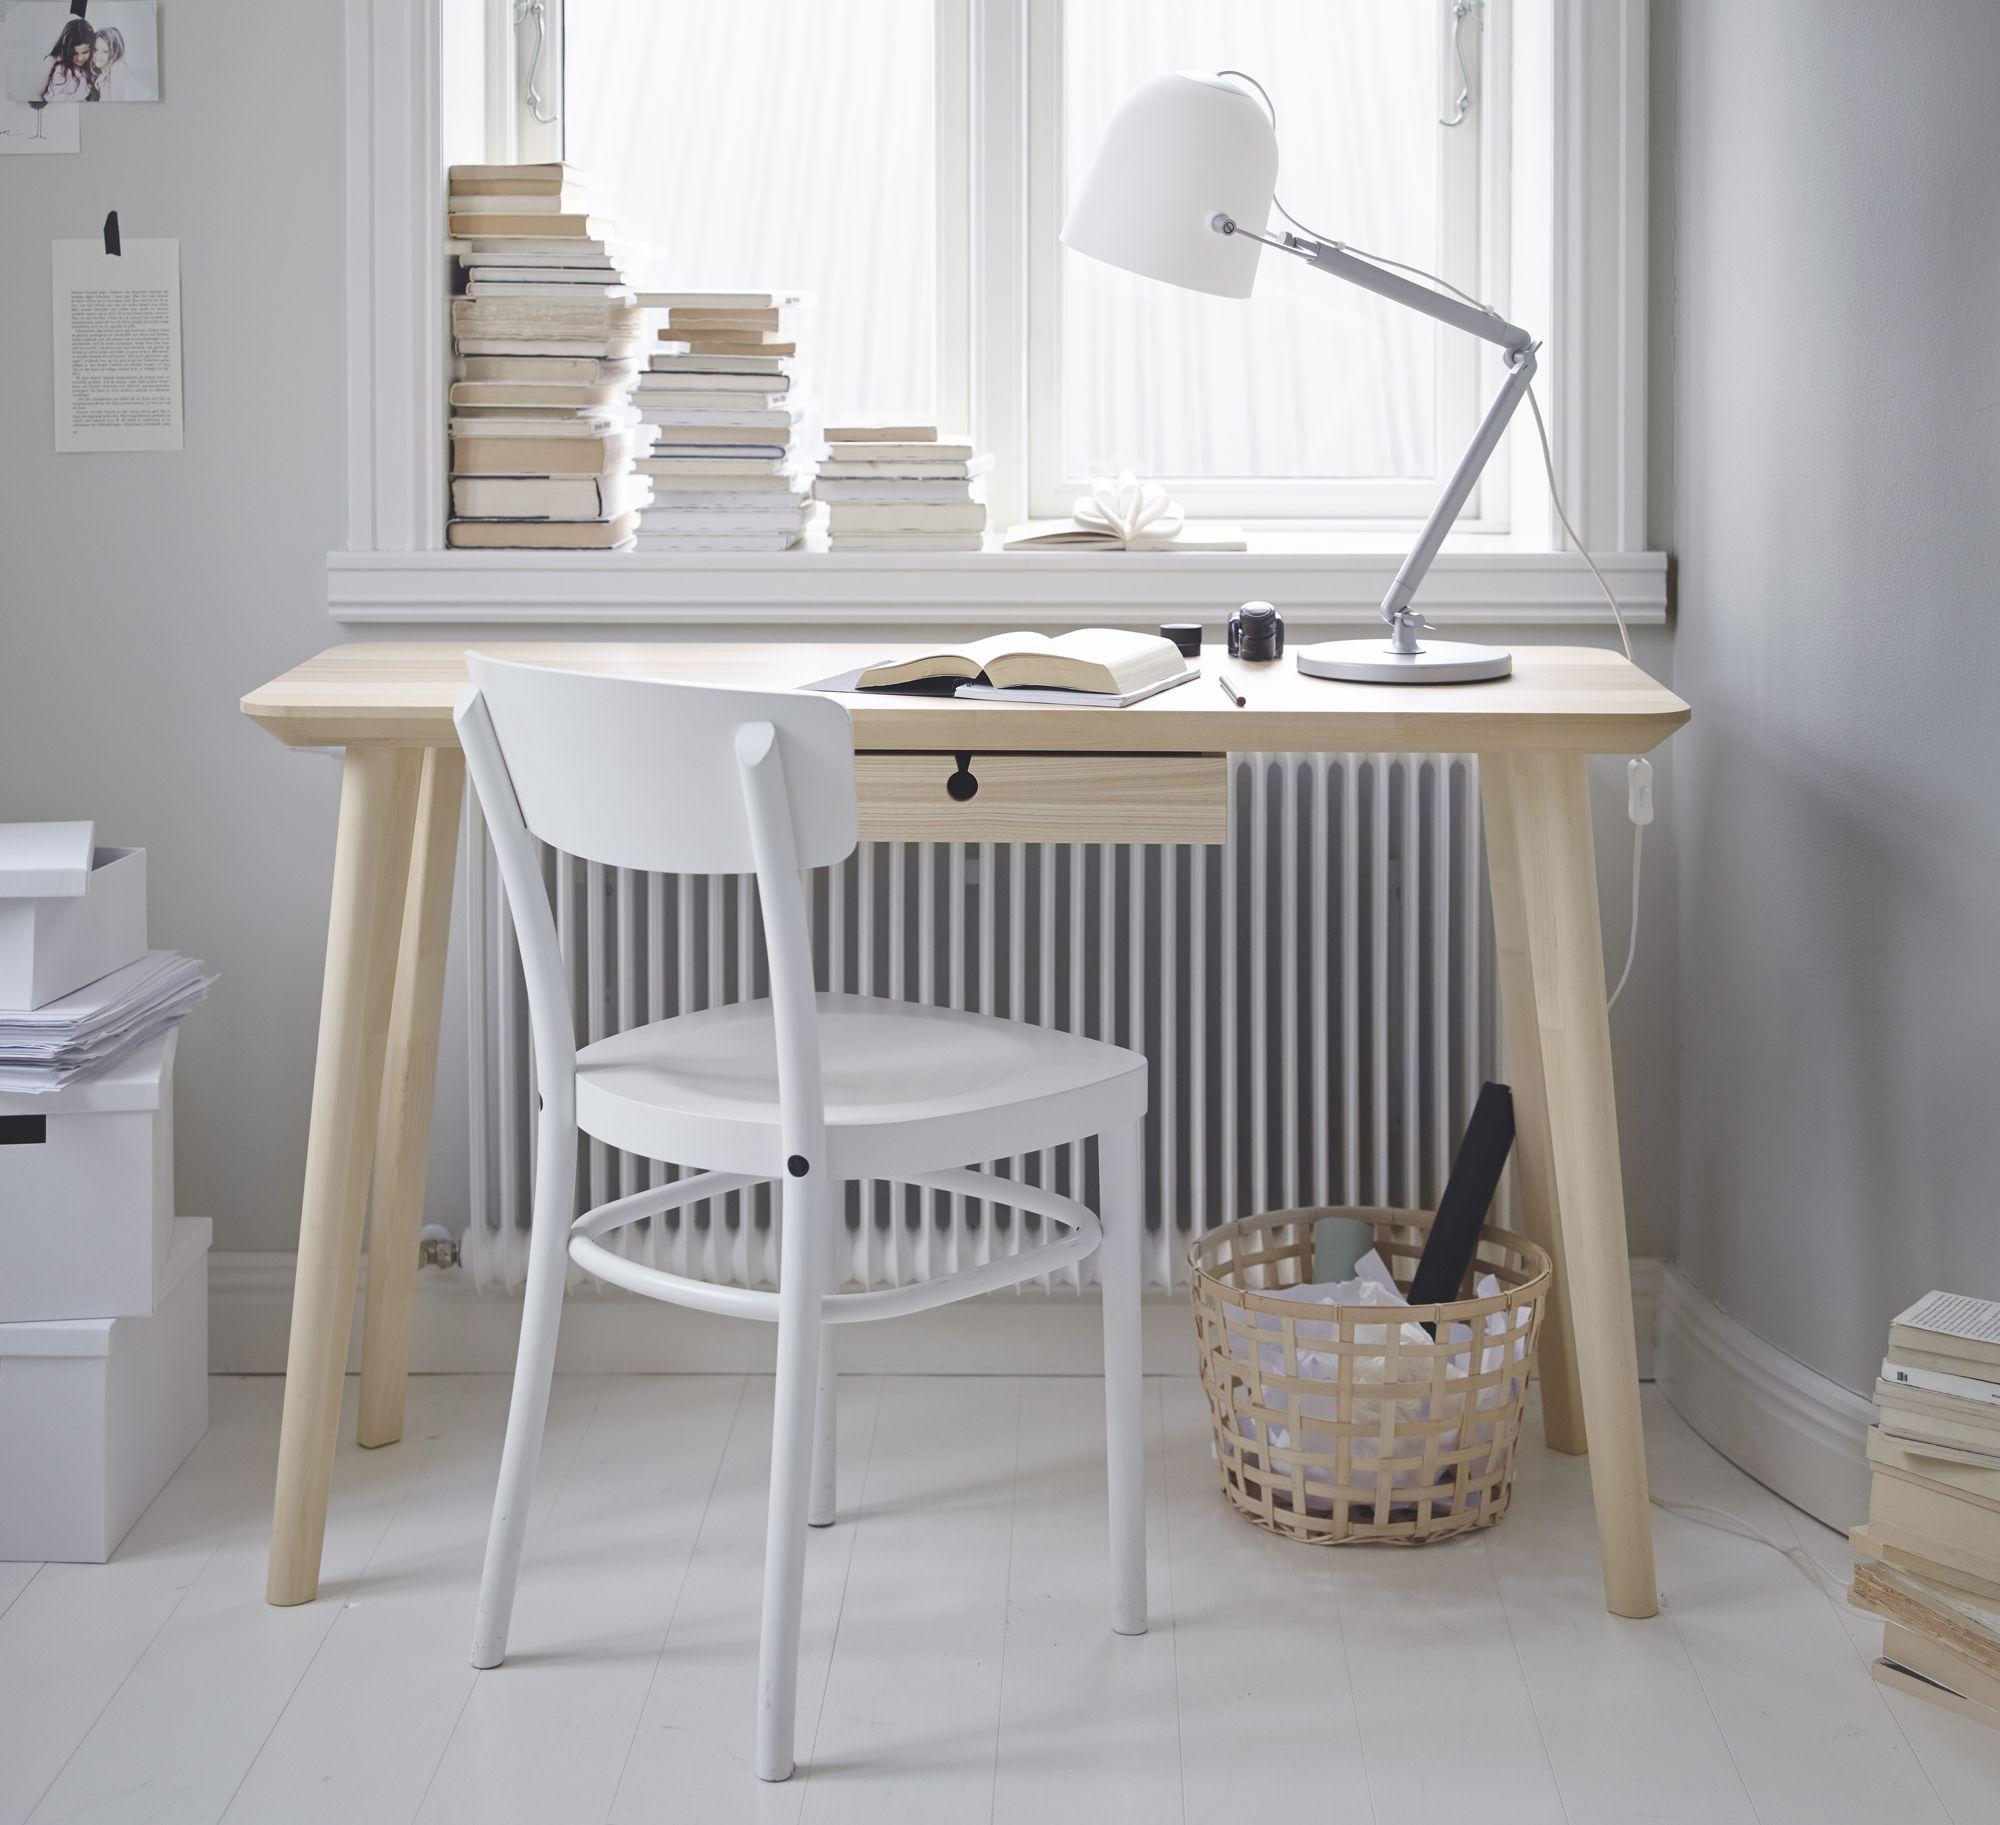 bureau lisabo au look scandinave le bureau ikea pinterest bureau coin bureau et bureau ikea. Black Bedroom Furniture Sets. Home Design Ideas